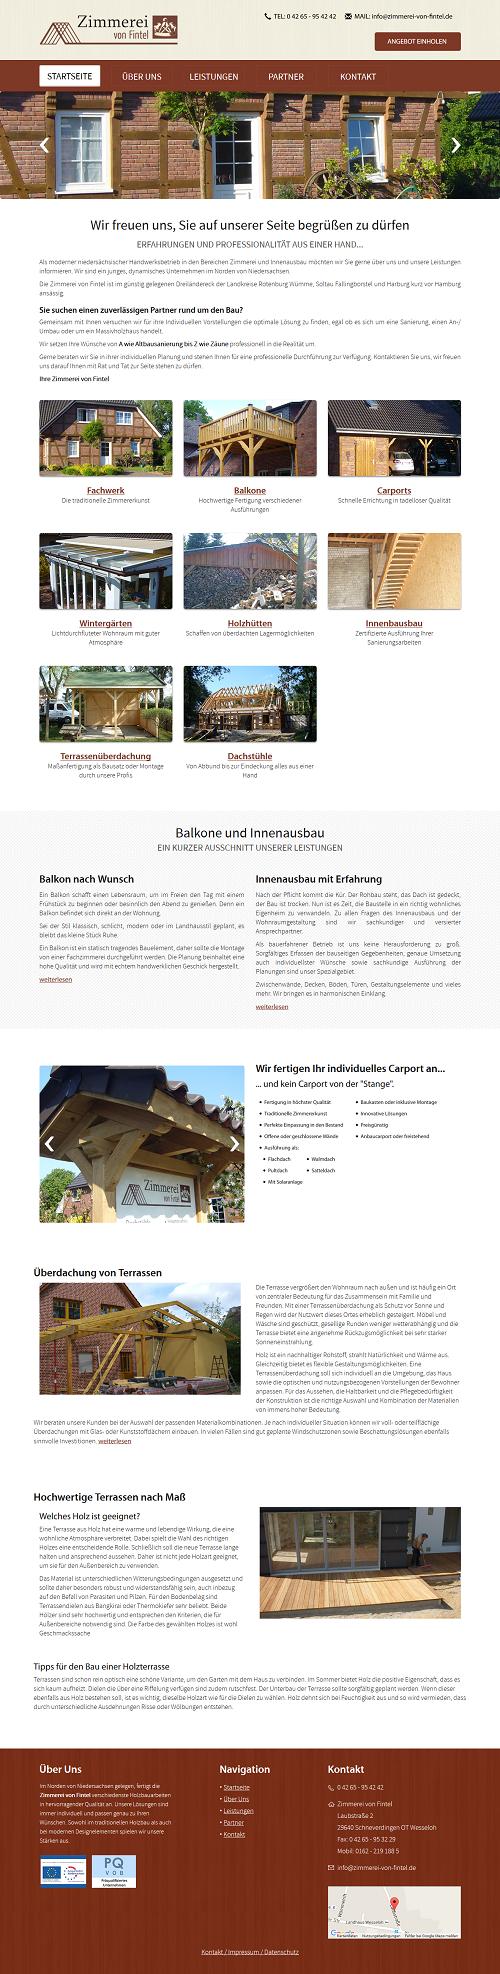 internetseite-handwerker-zimmerei-von-fintel-hannover-w500